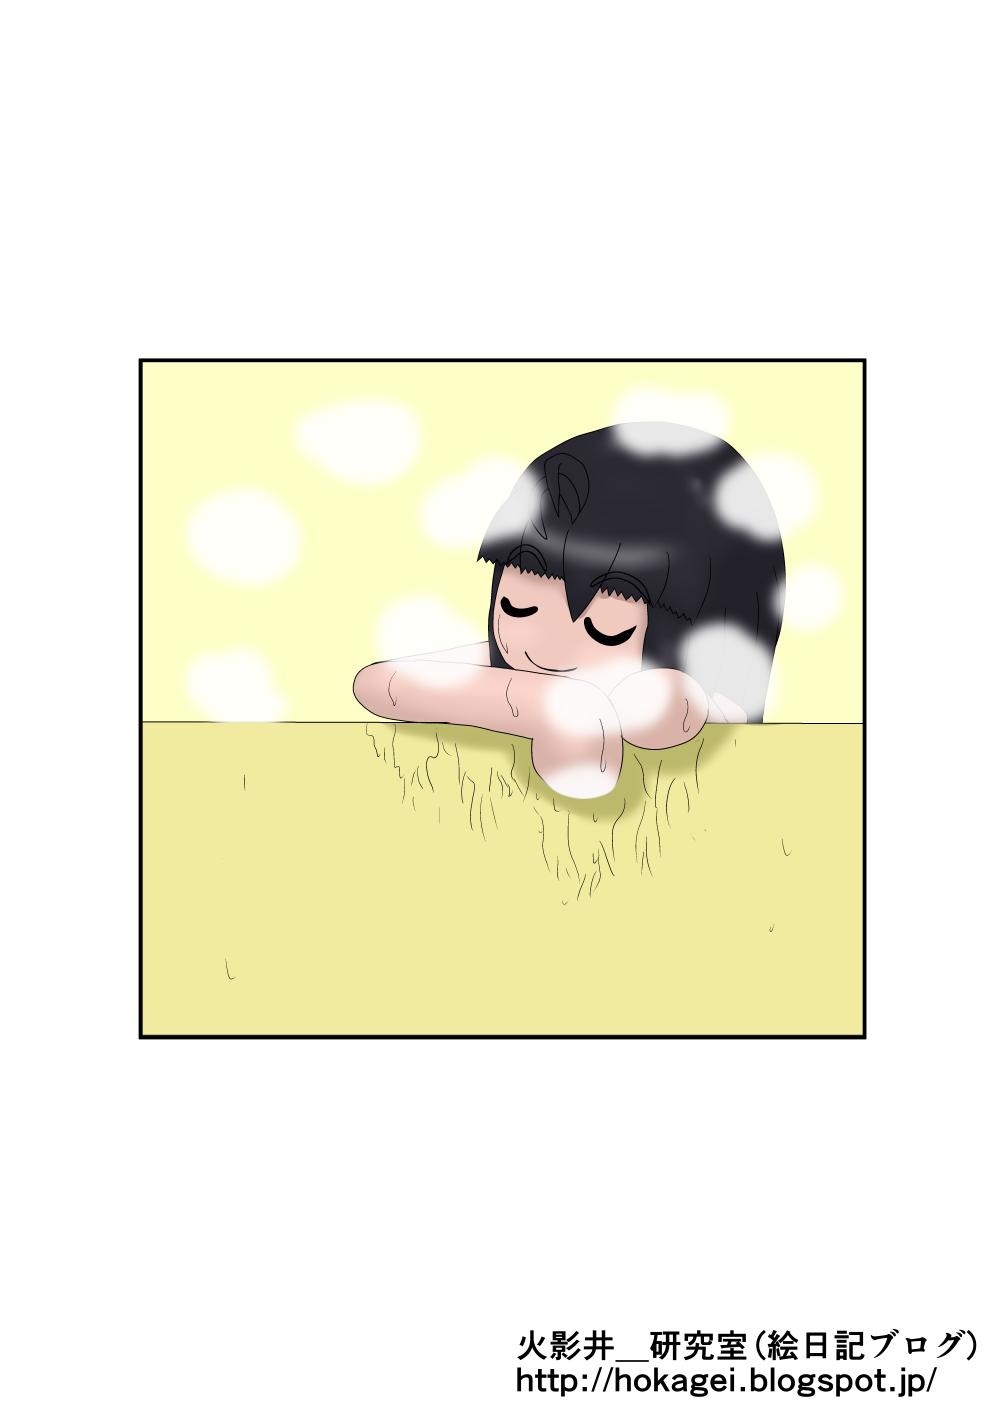 いい風呂の日(八雲楓)